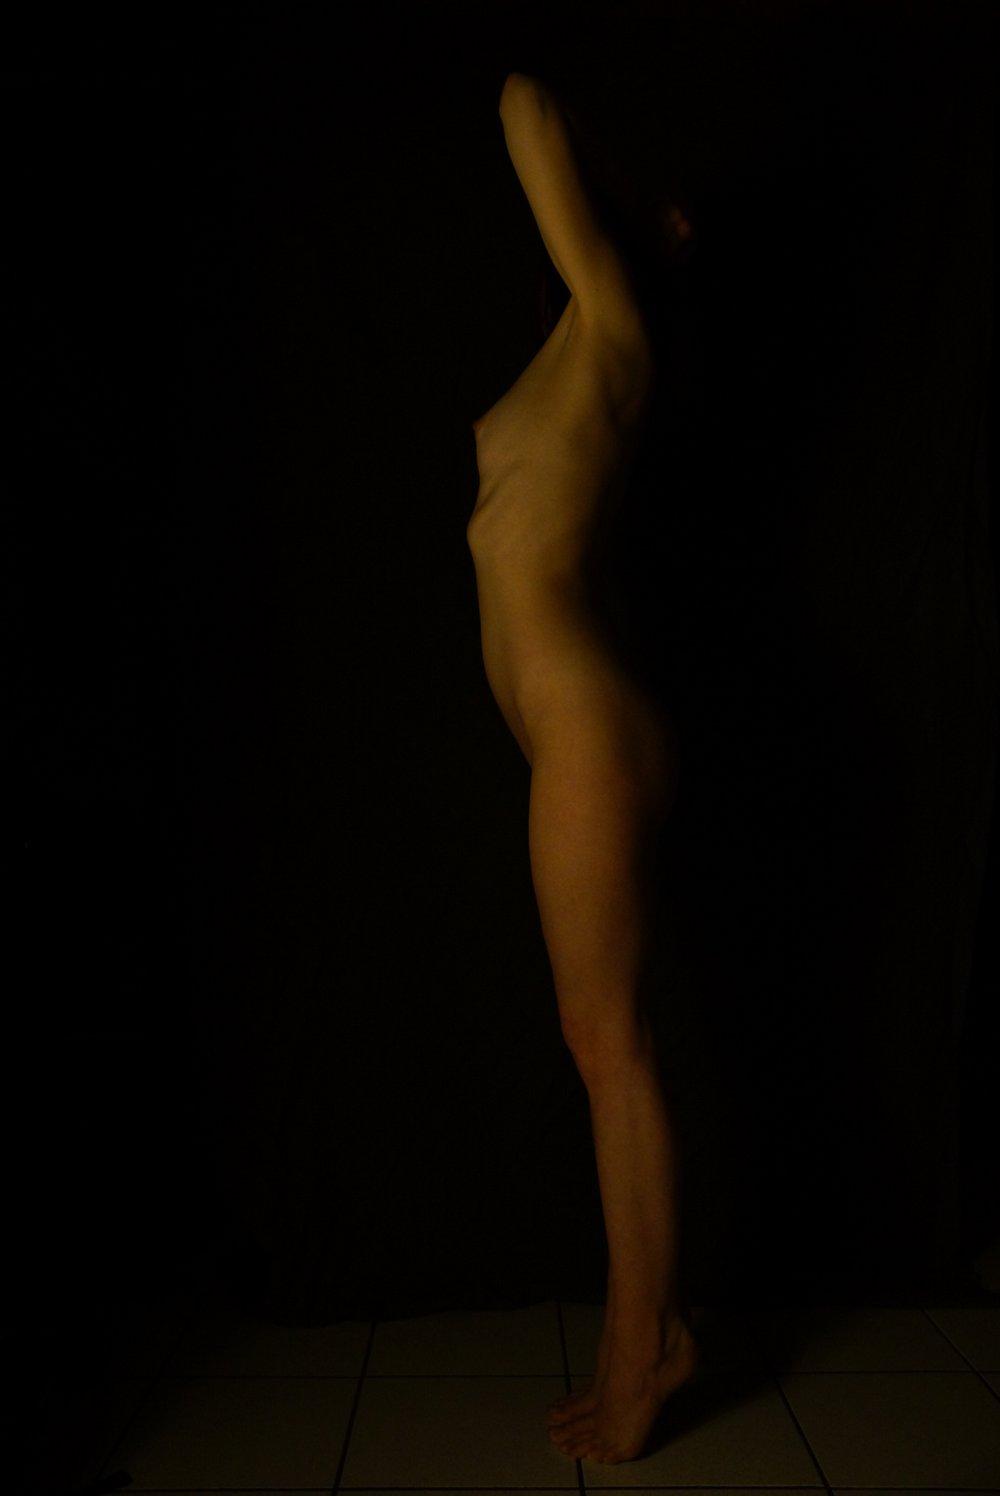 Guillaume_Bisserier-Osphilia-01-2.jpg